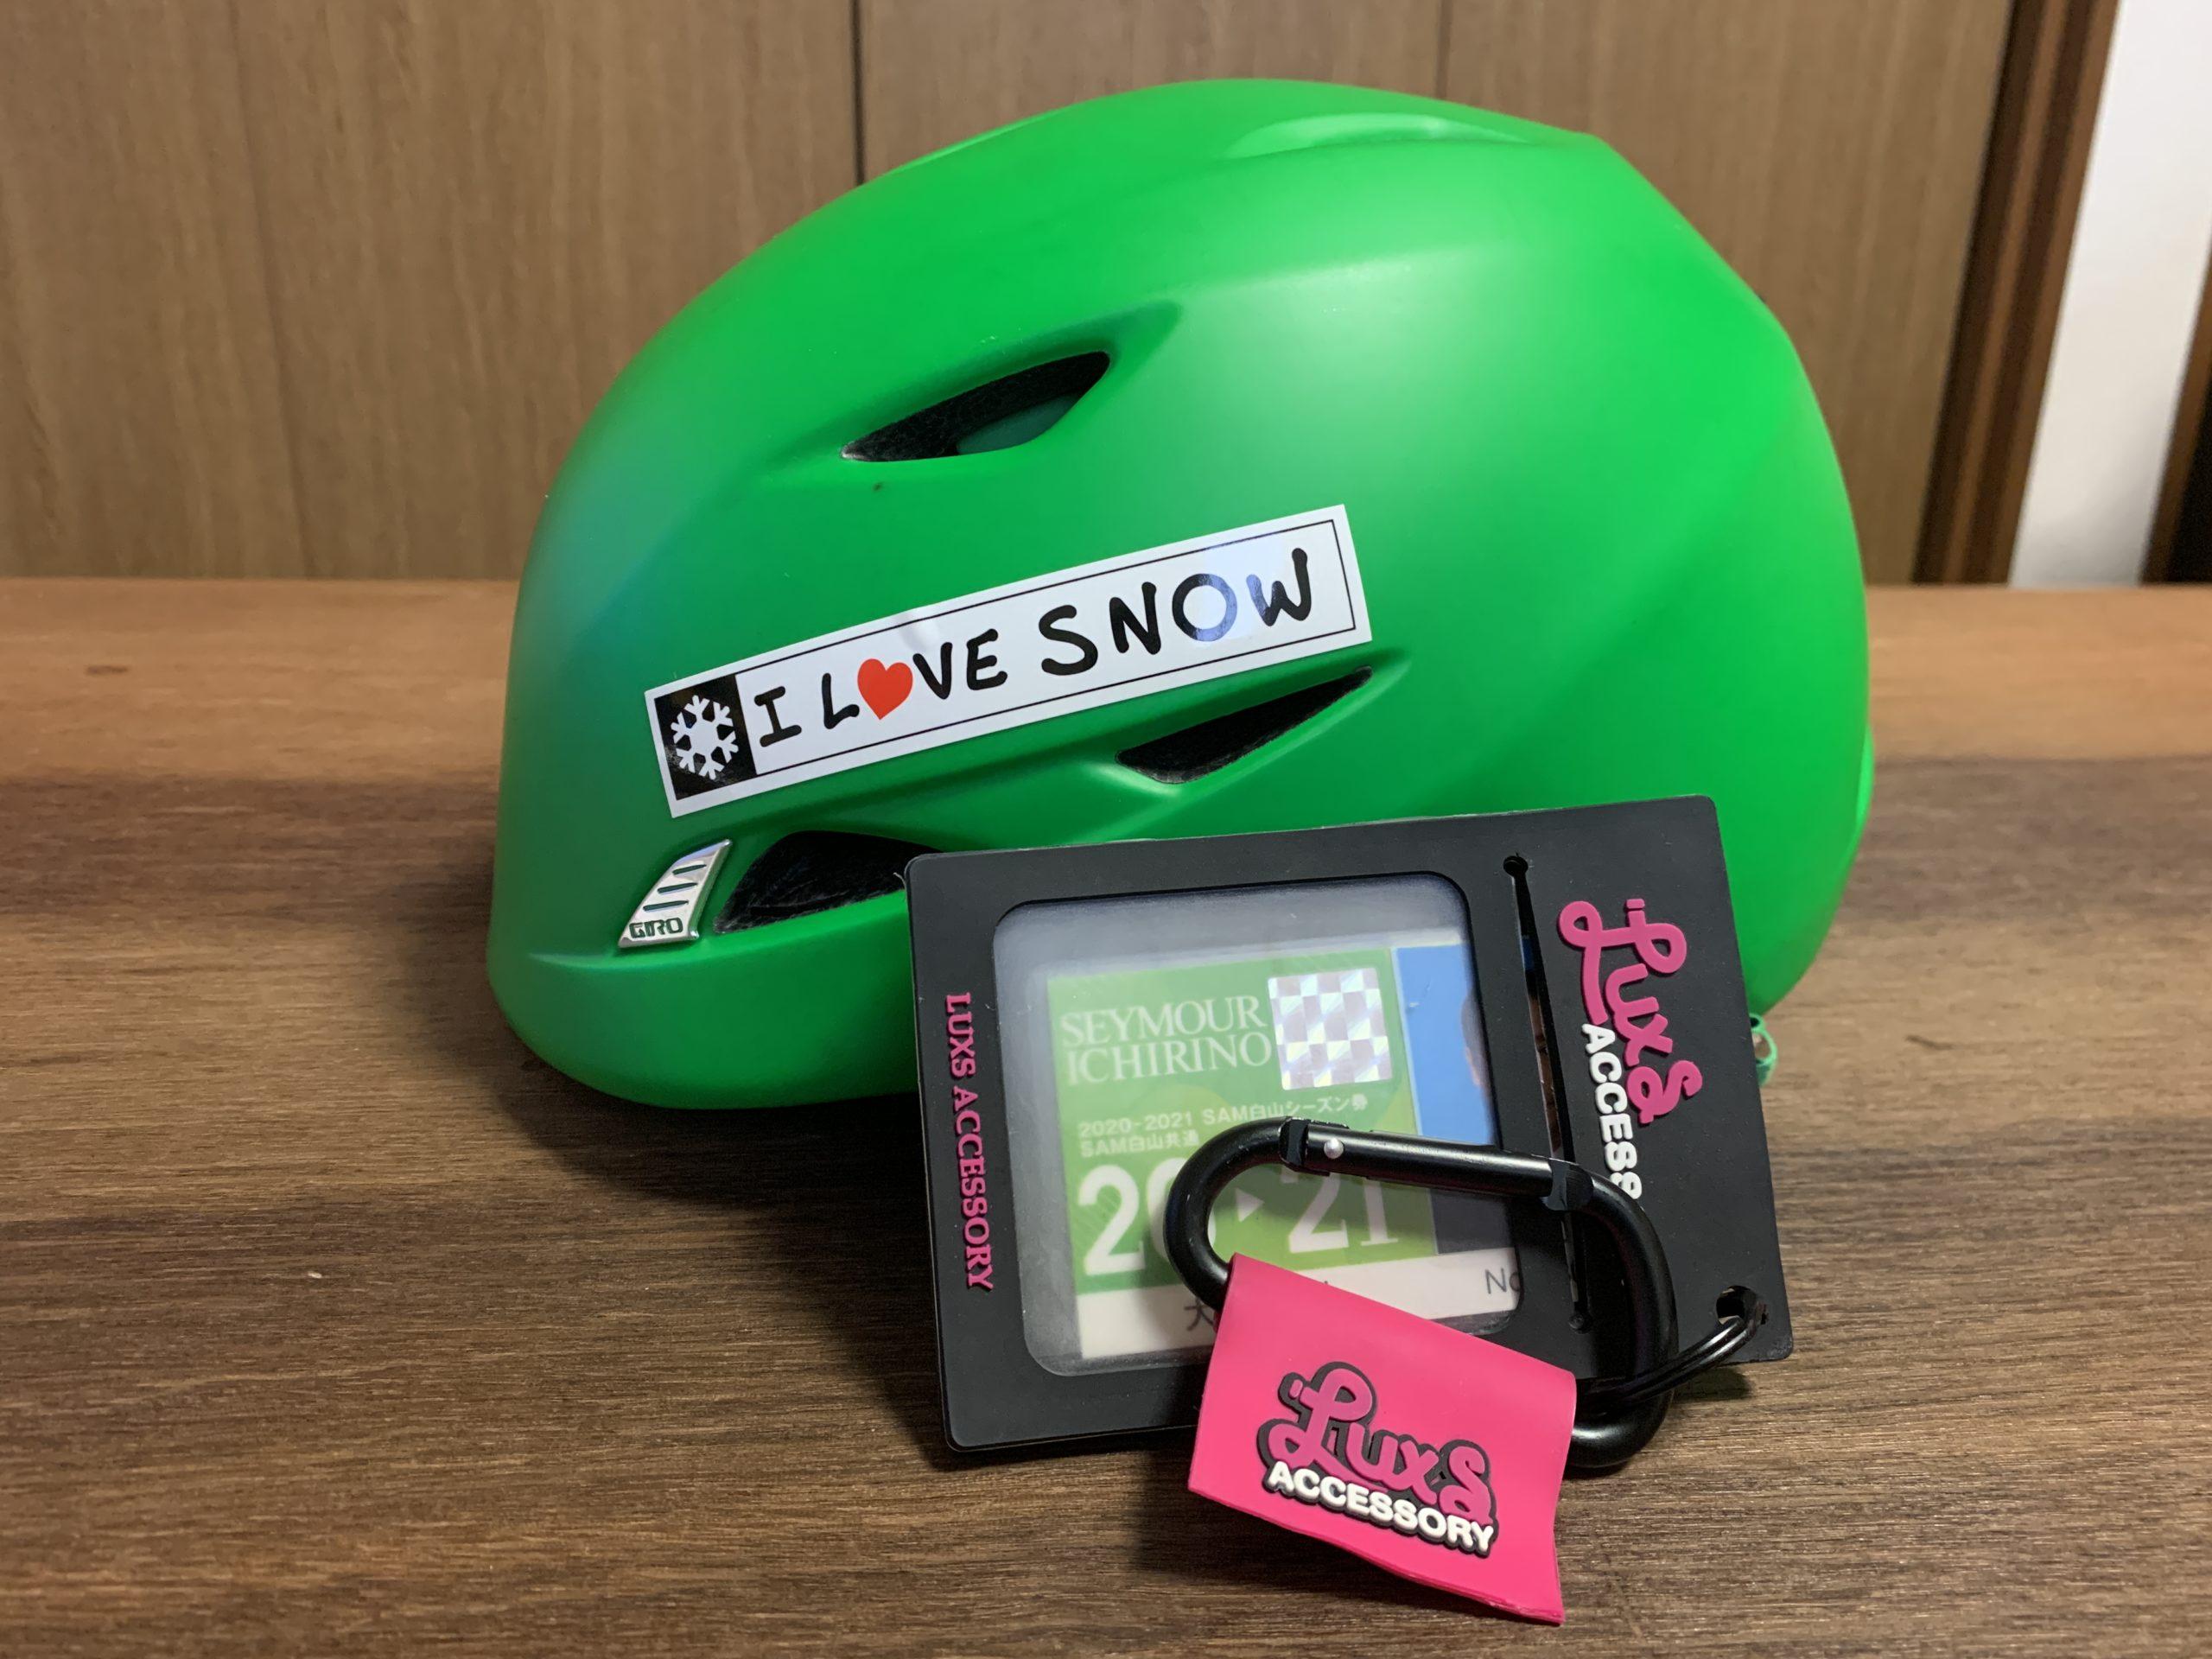 リフト券ホルダーとヘルメット